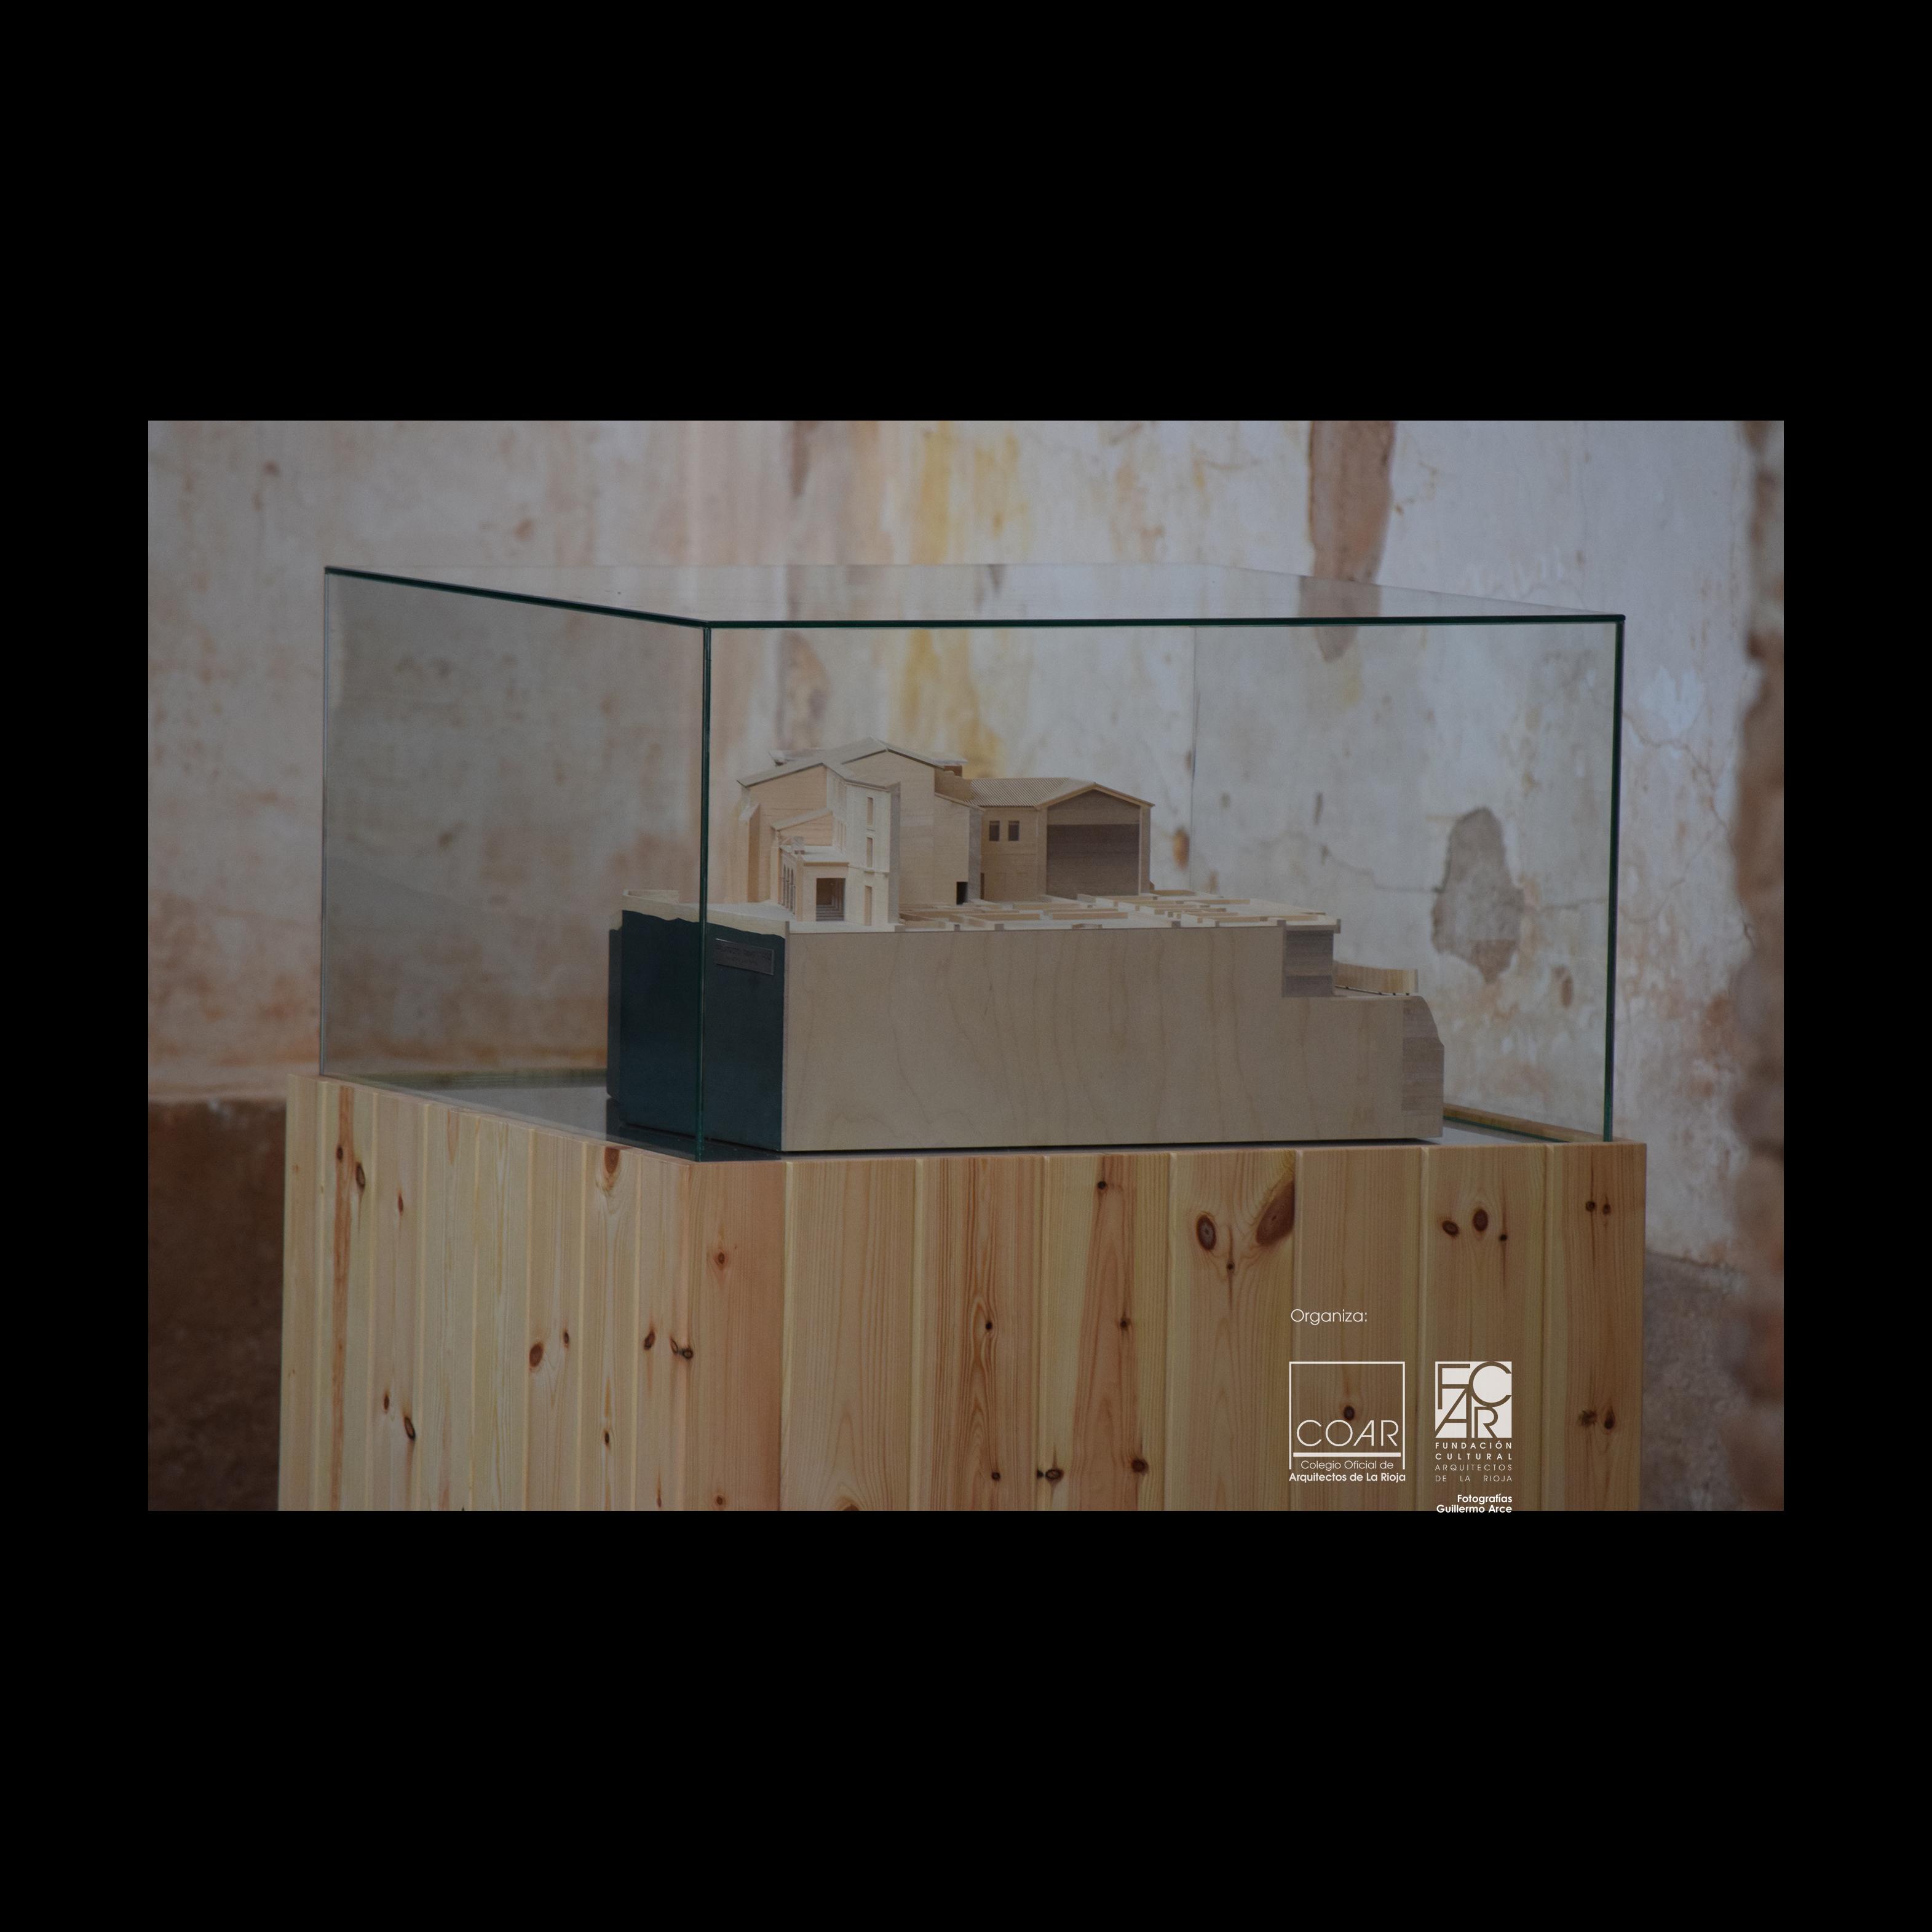 VIAJE-COAR-FCAR-ARNEDO-vico-12-04-08 (11)